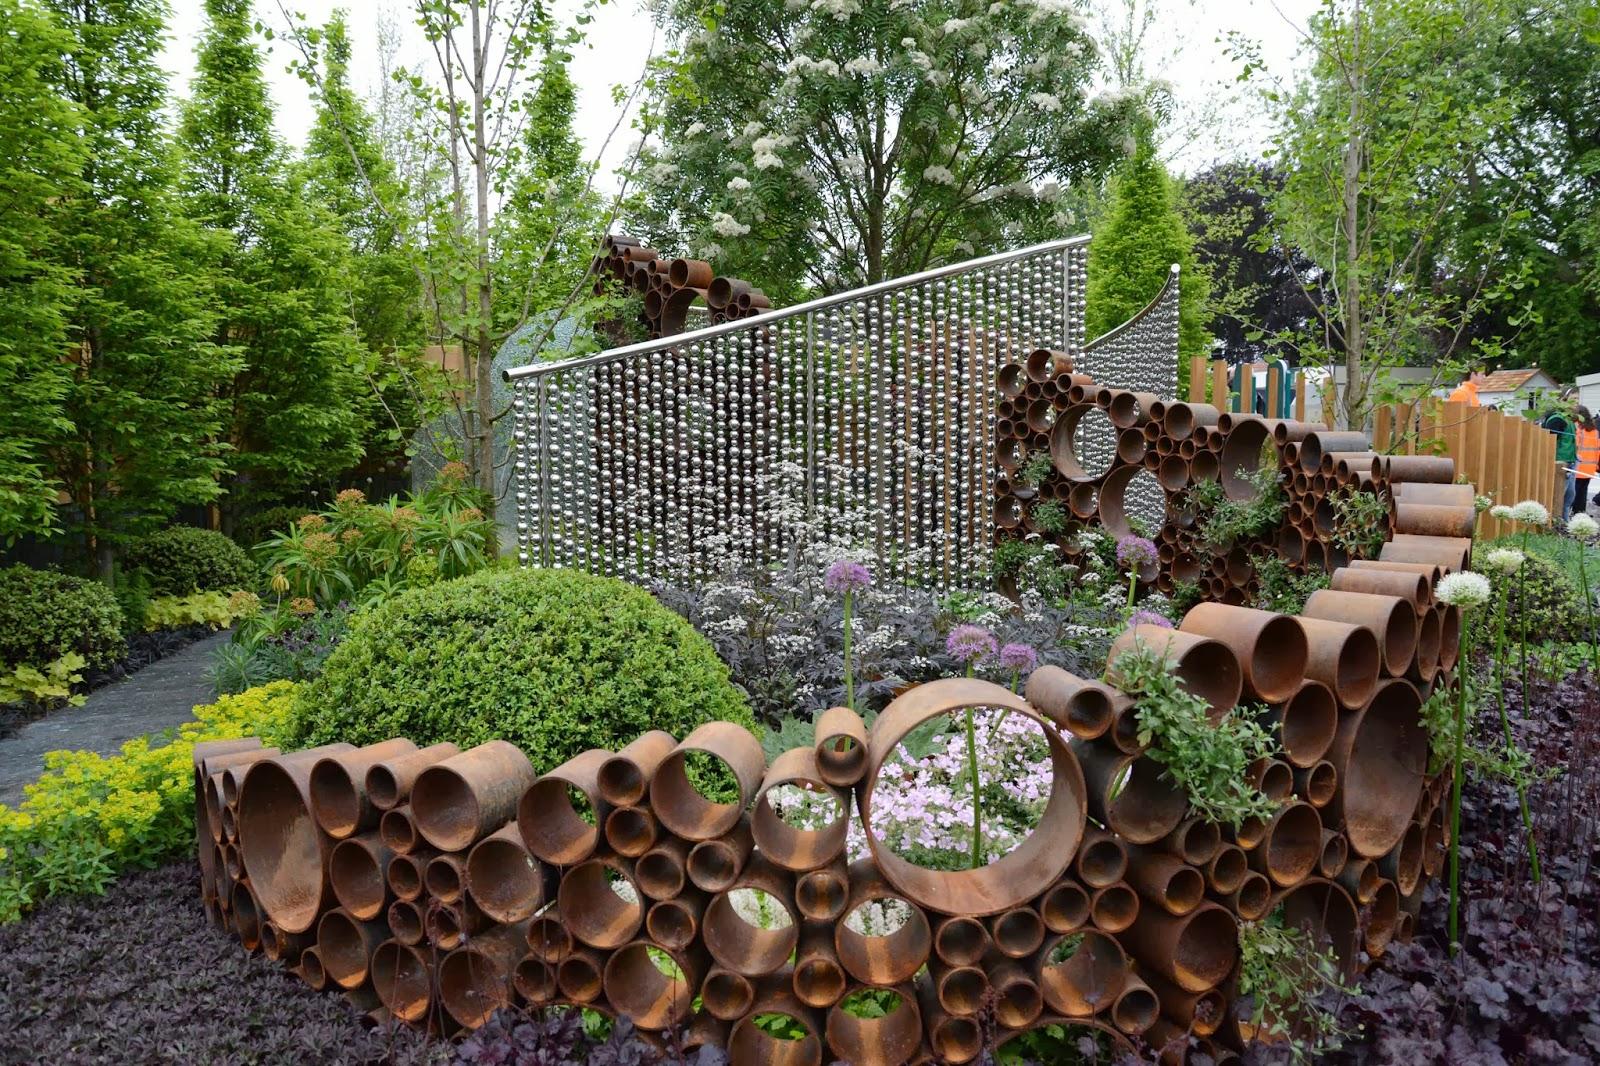 Сад и огород дизайн интересные идеи